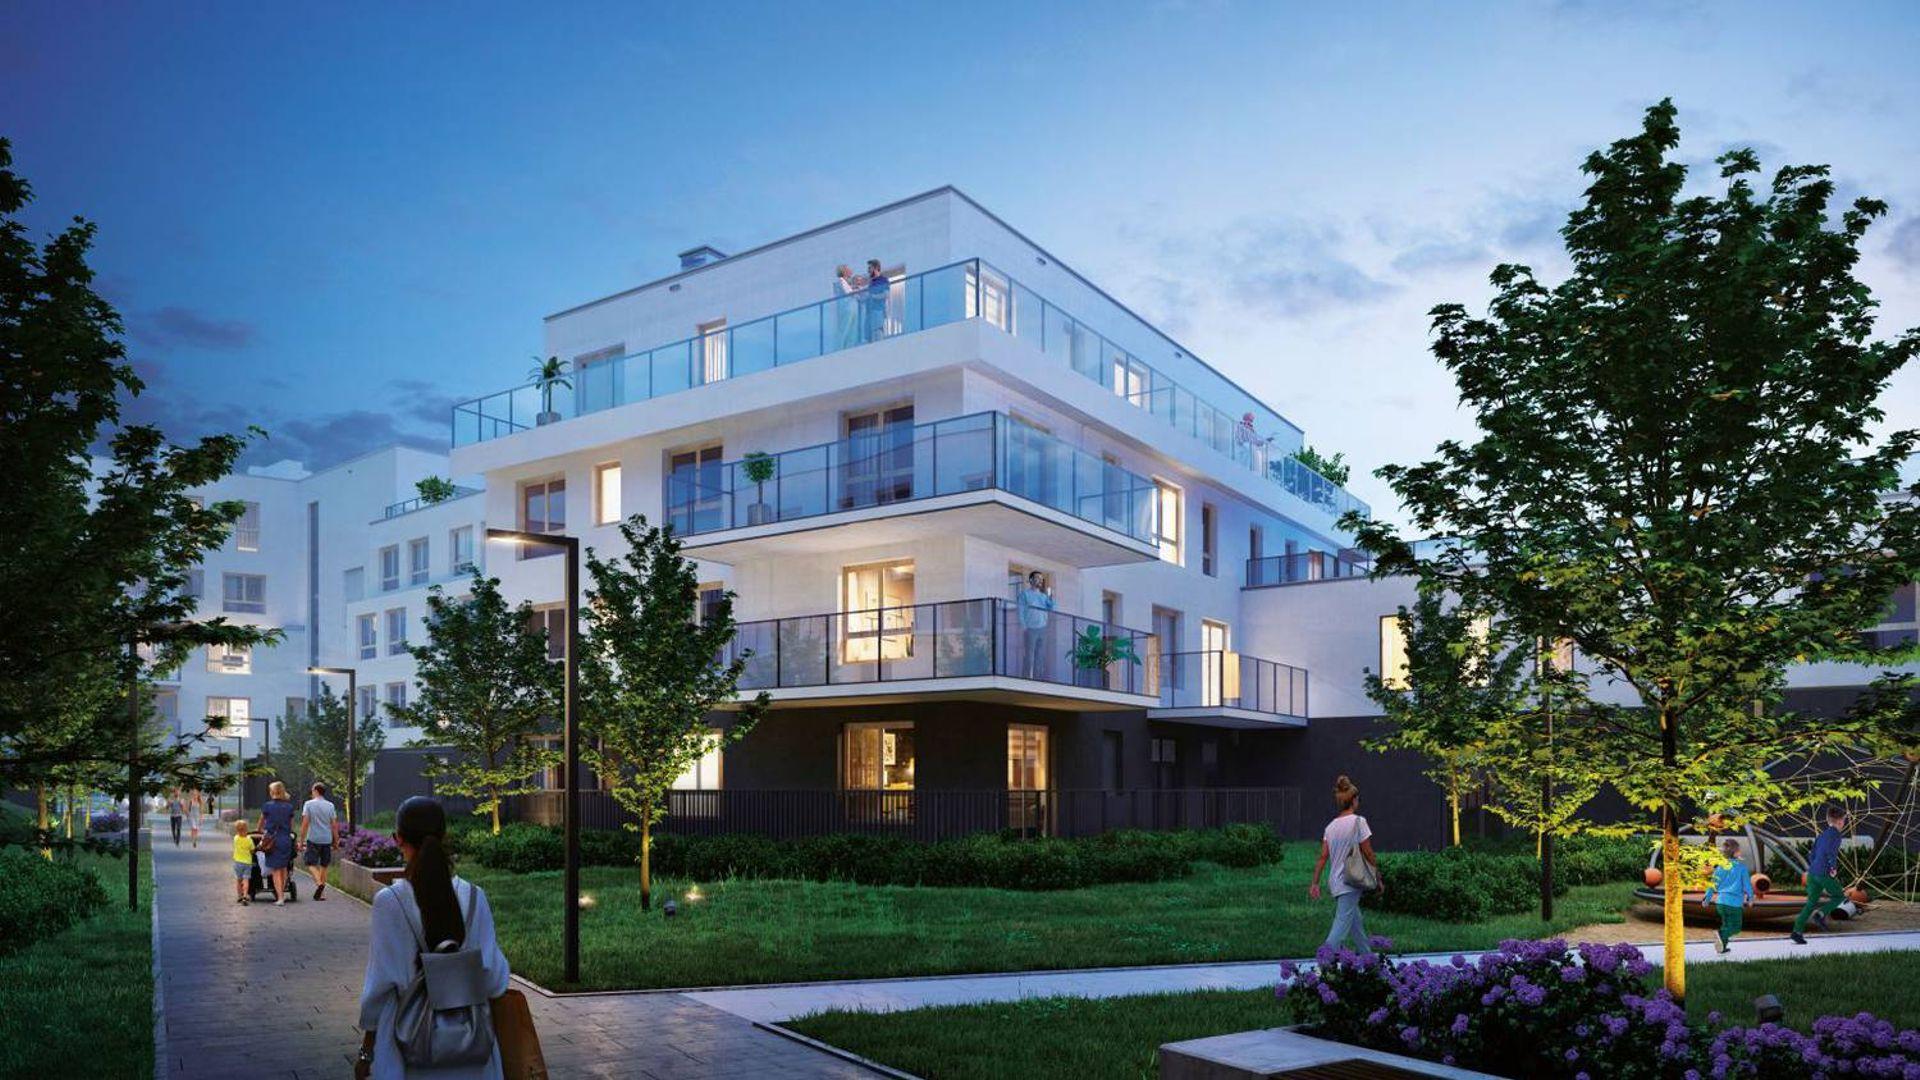 Warszawa: Apartamenty Królewskie – Robyg inwestuje na Błoniach Wilanowskich [WIZUALIZACJA]